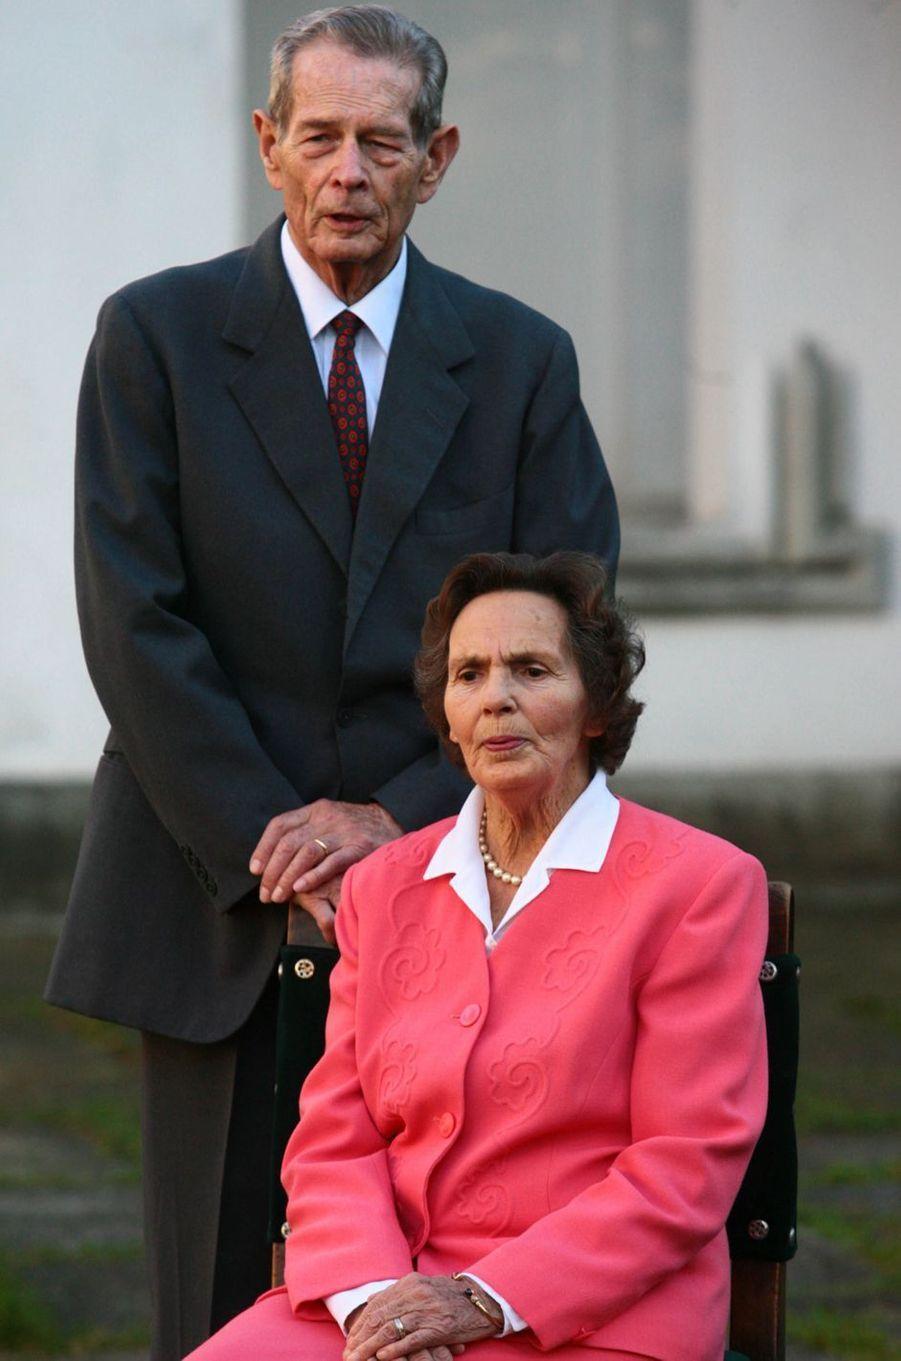 L'ex-roi Michel de Roumanie avec sa femme Anne de Bourbon-Parme, le 24 octobre 2006 à Bucarest